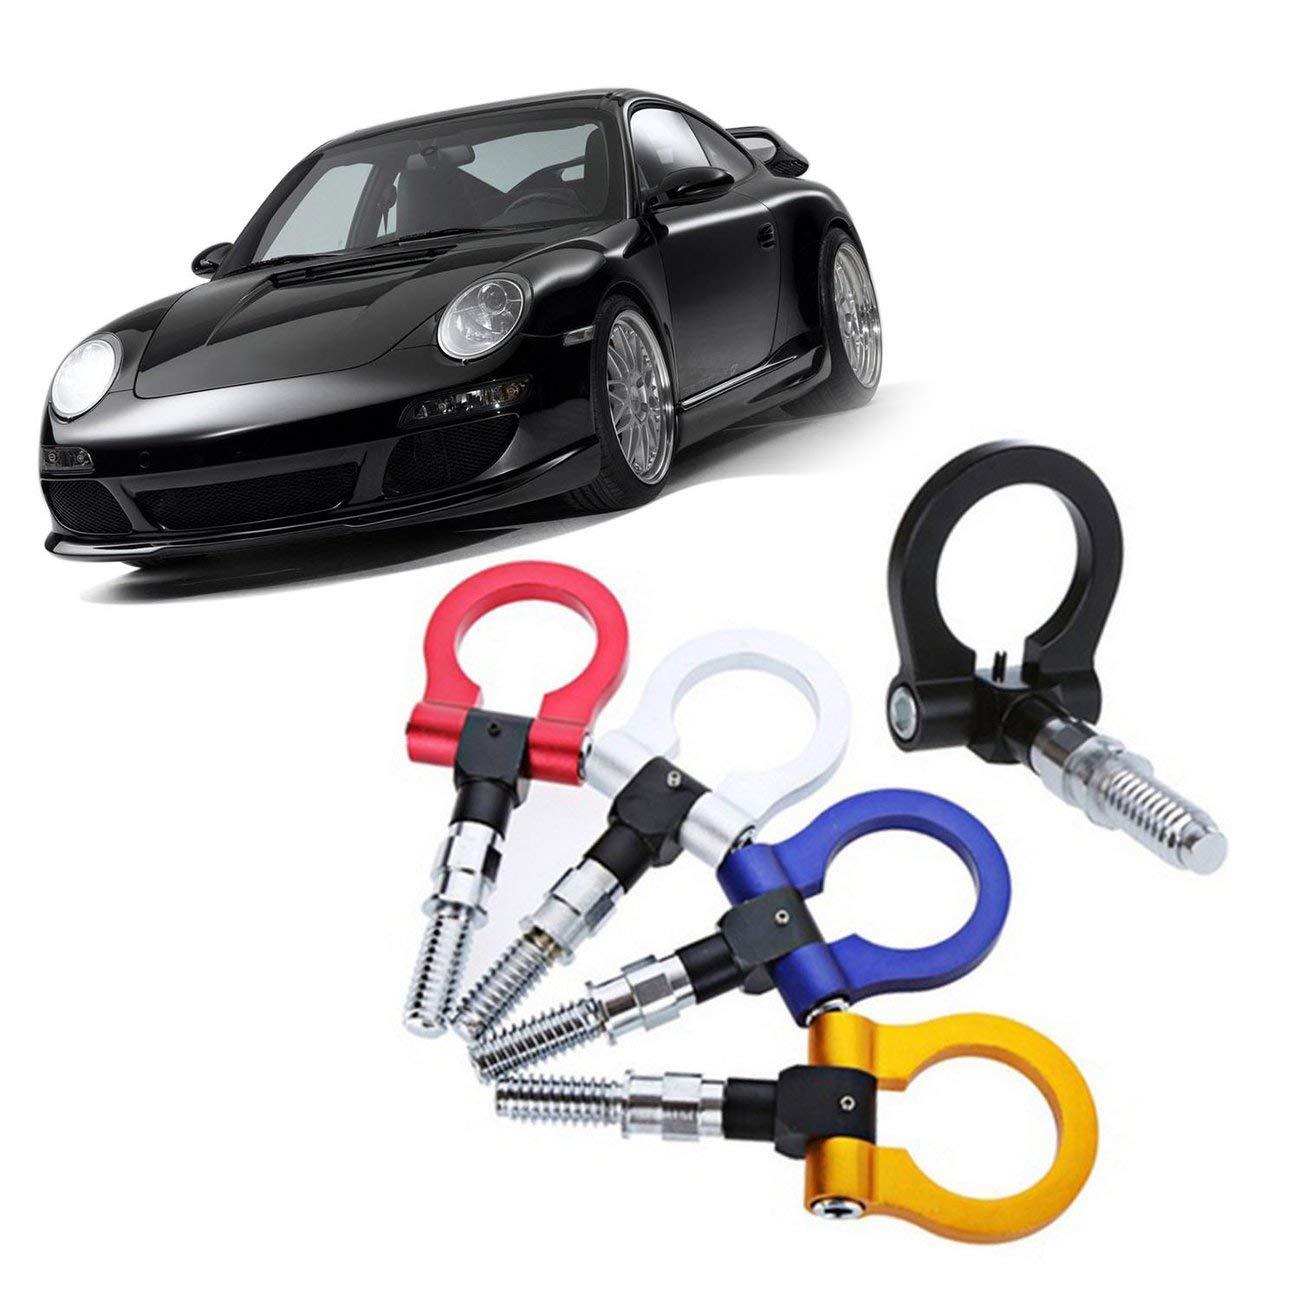 Fannty Gancho de Remolque Compatible para Carreras de Remolque de Carreras de Carreras Adecuado Compatible para el Anillo de Remolque de autom/óviles de autom/óviles Europeos BMW